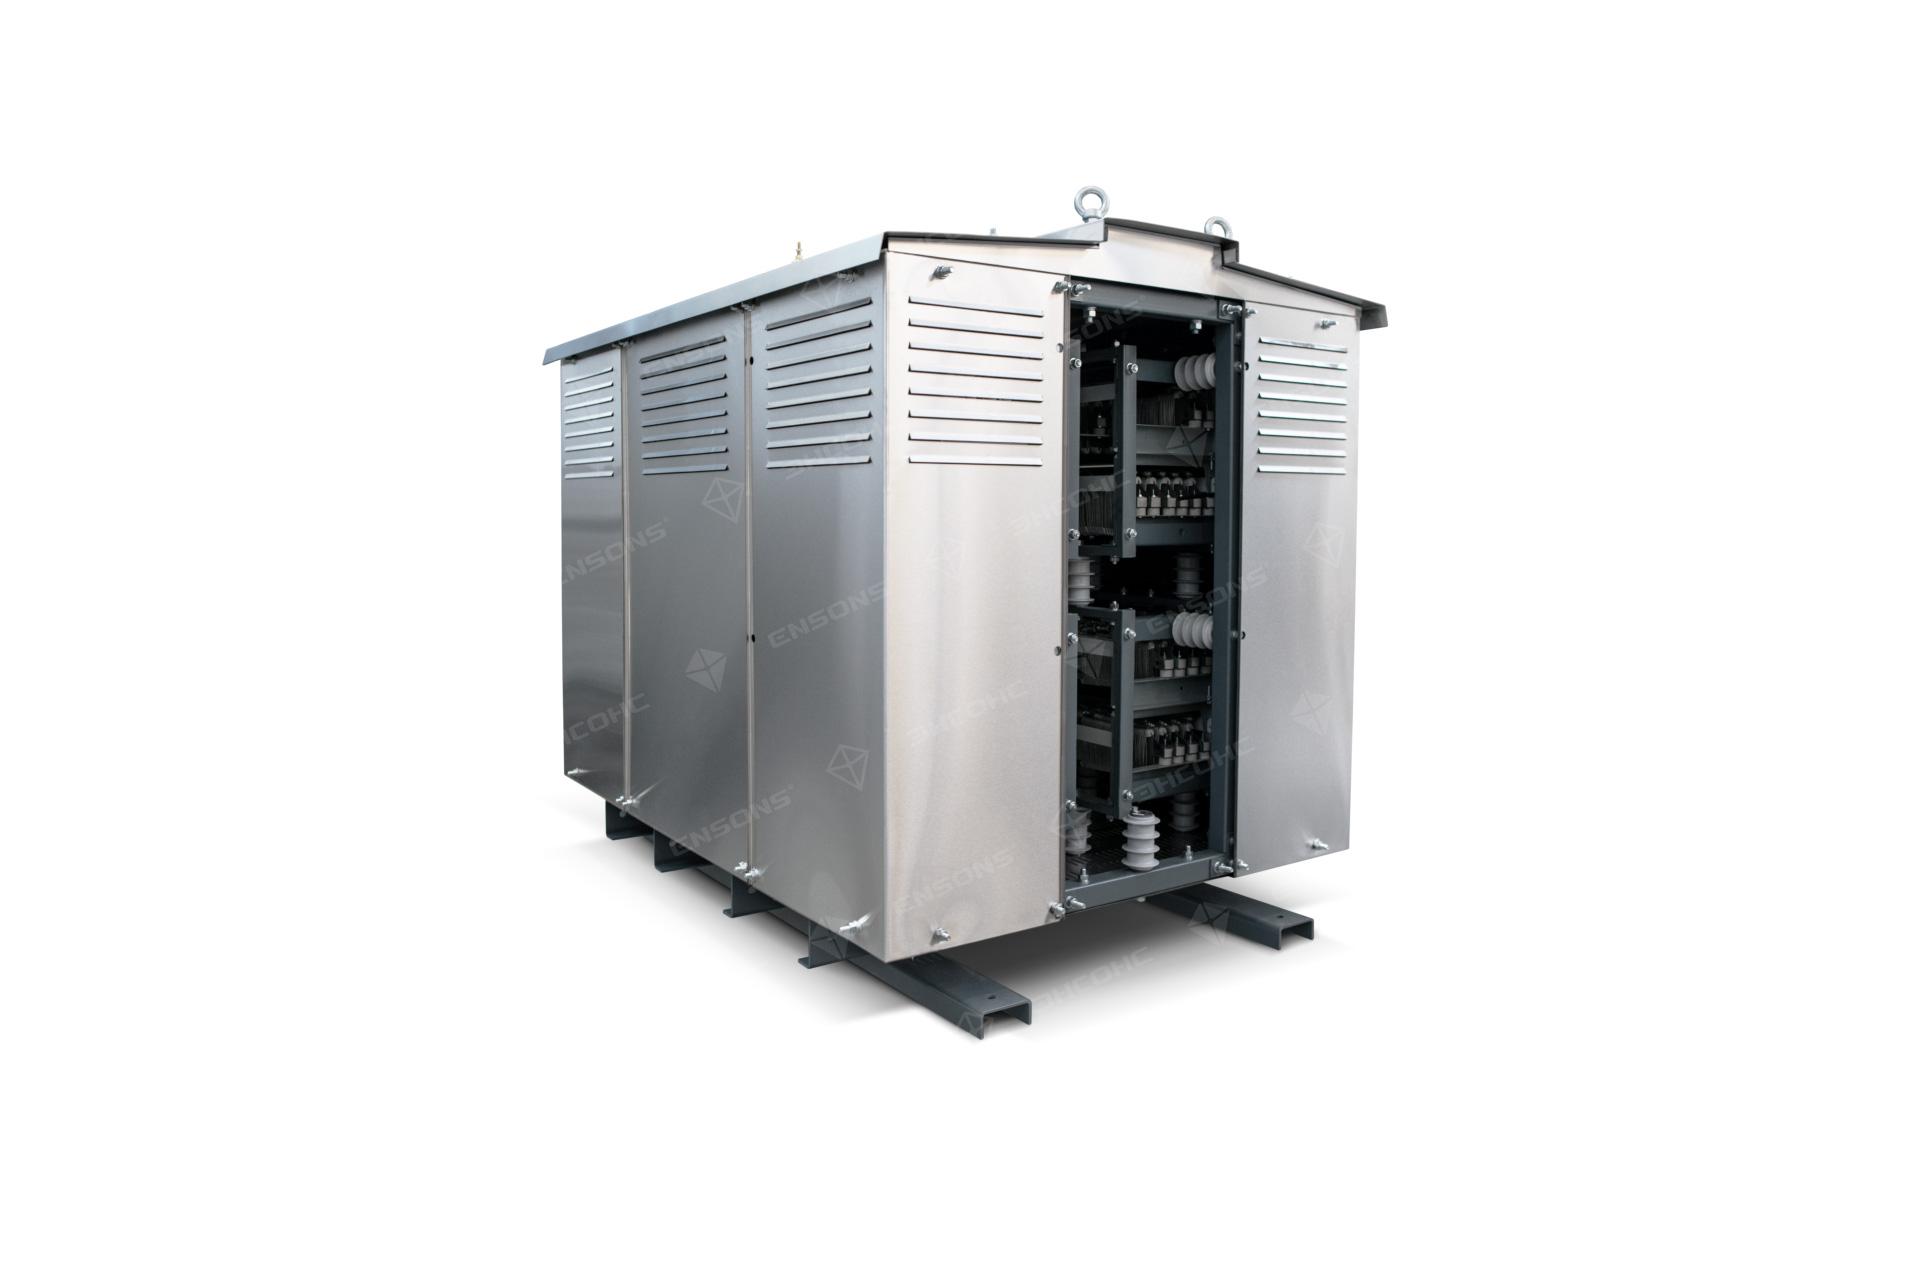 Ensons - Резистор 6-10 кВ (полированная сталь)